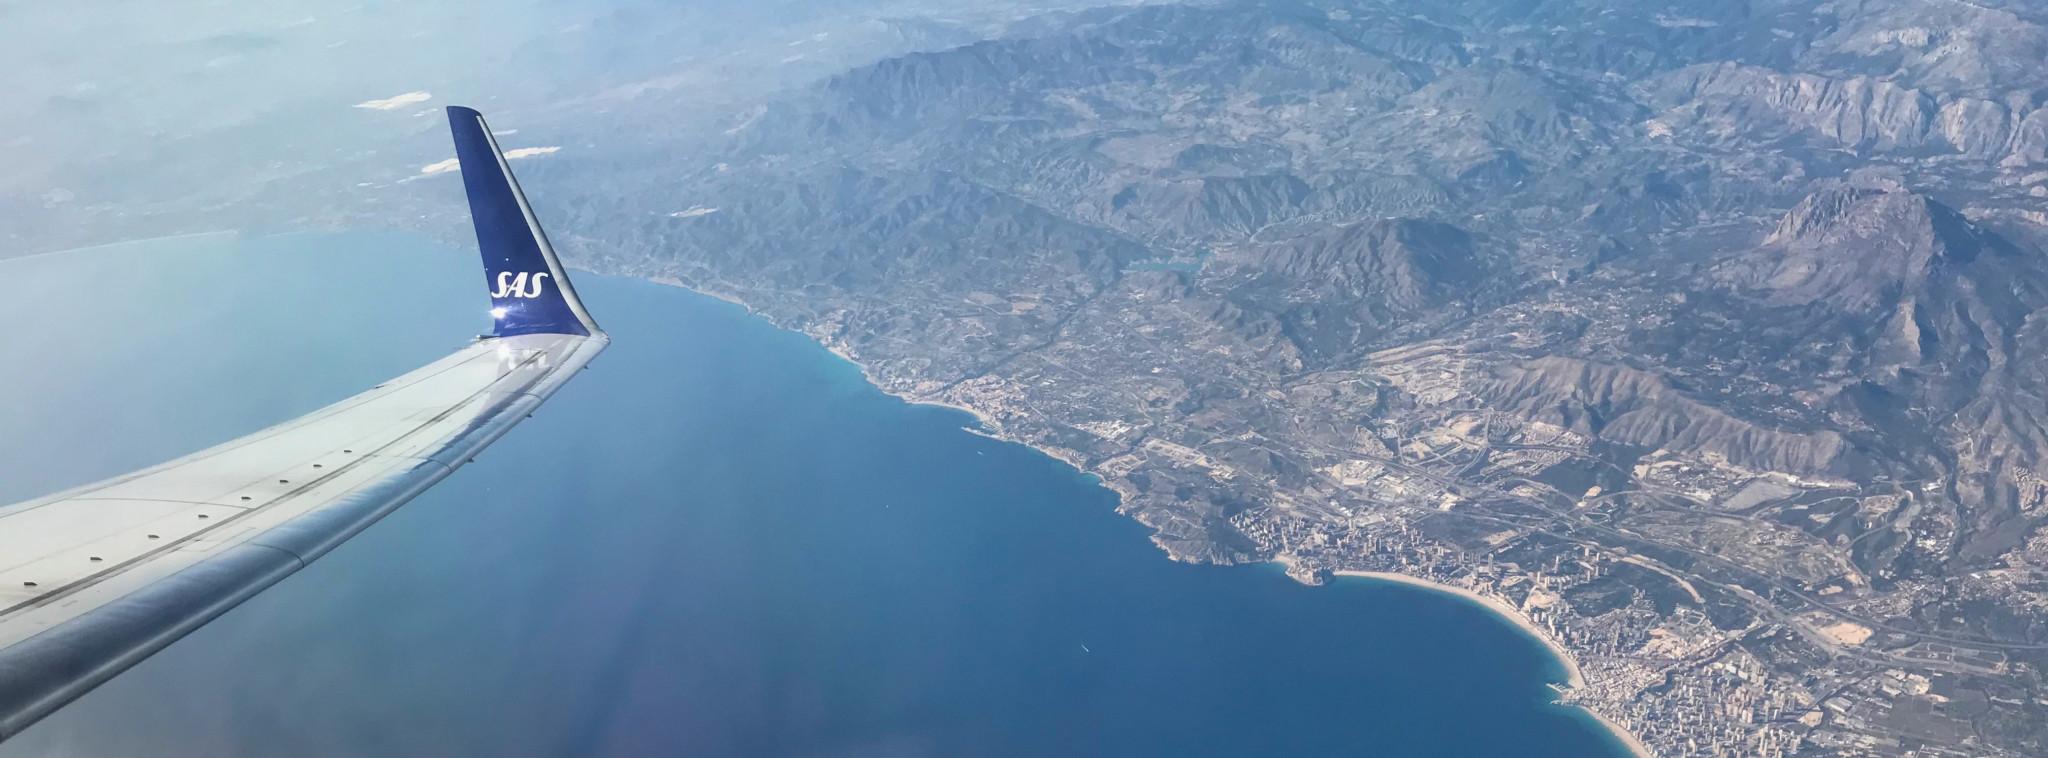 Ausblick auf dem Flug von Stockholm nach Alicante